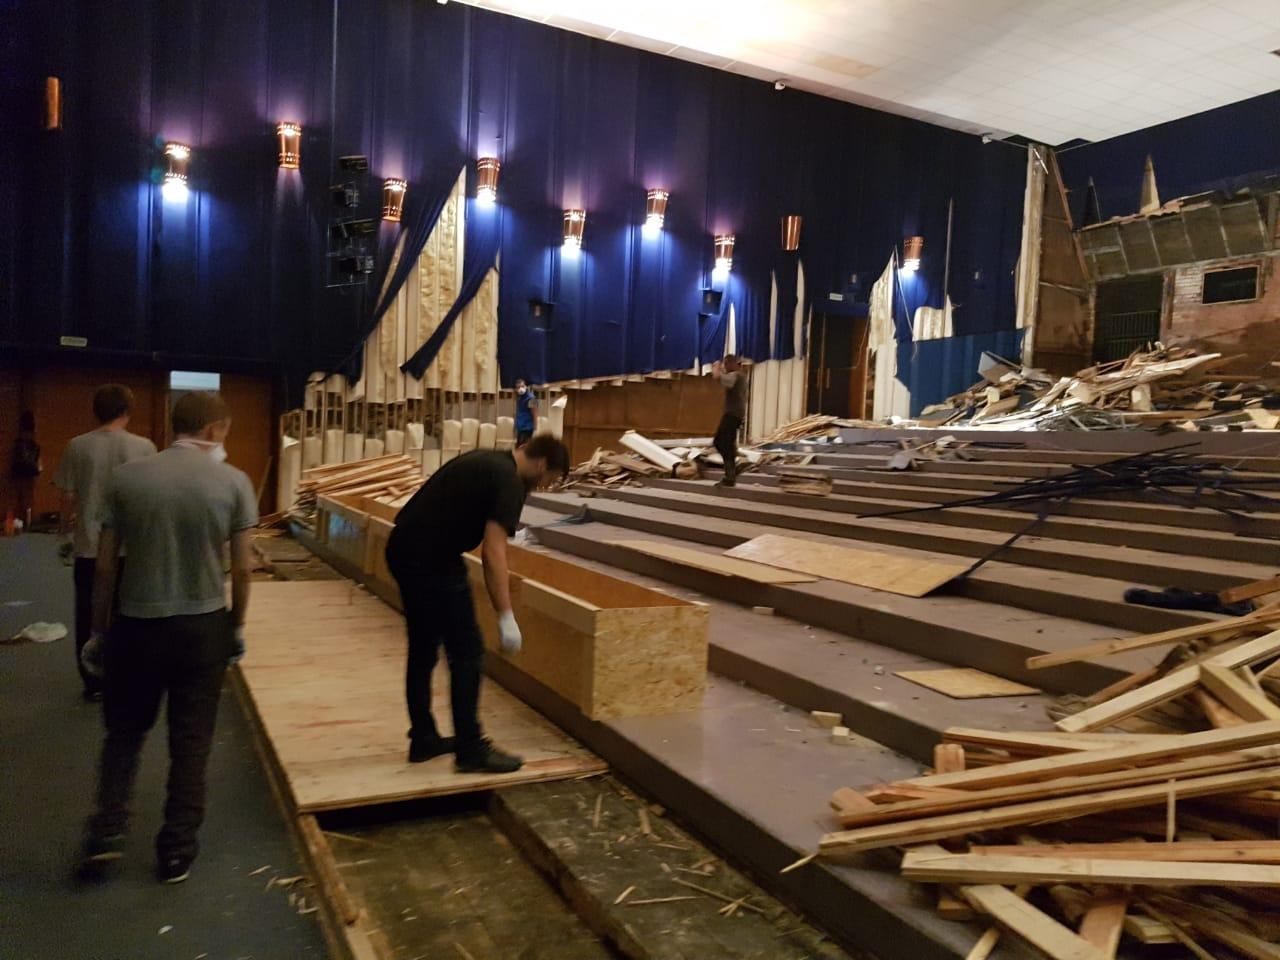 Началась реконструкция зрительного зала кинотеатра «Нейва»